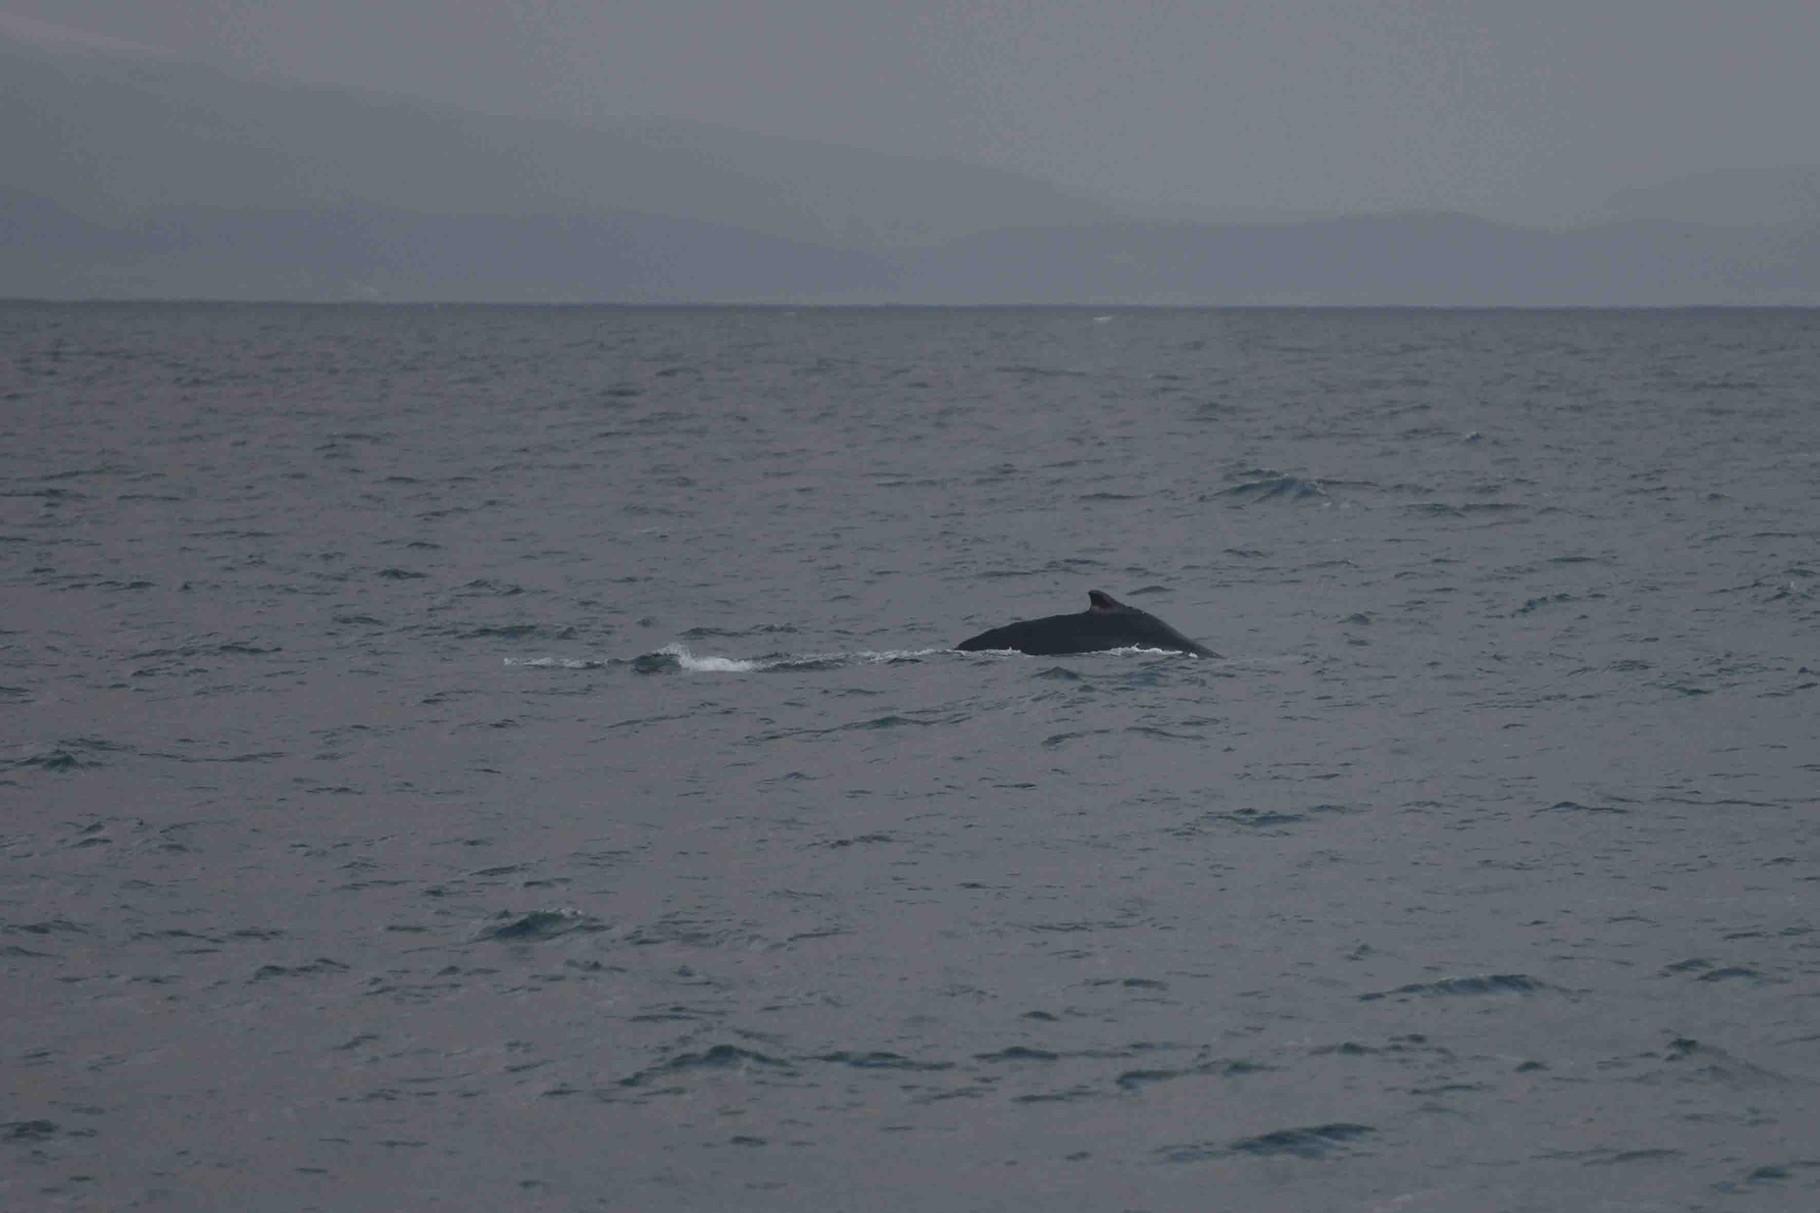 Minkwal (minke whale)